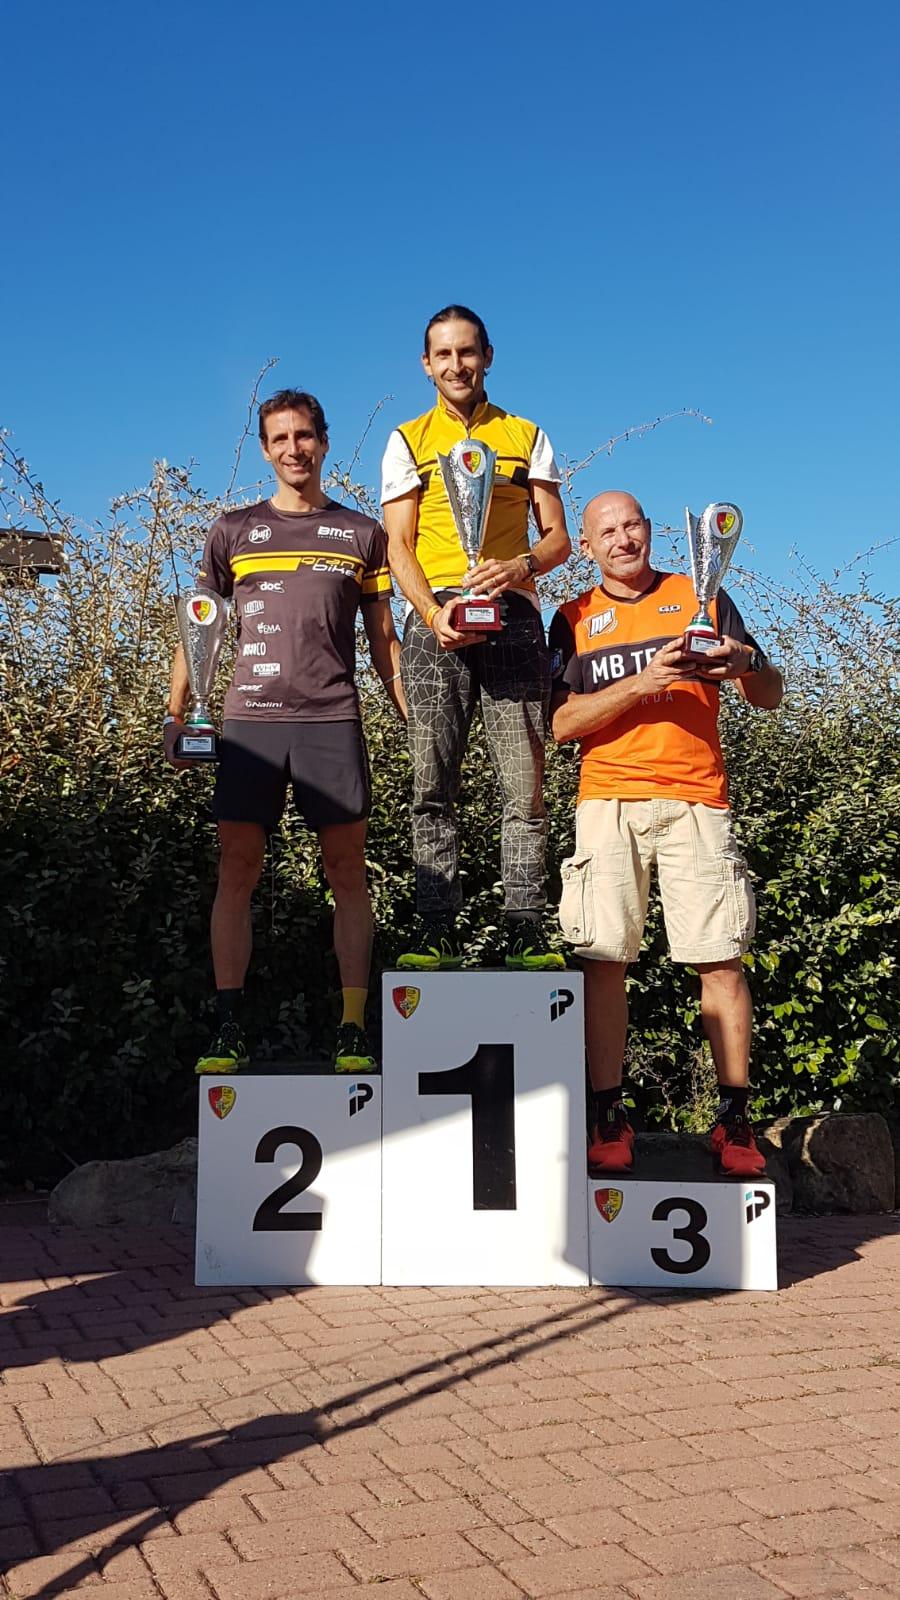 ironbikers-coniolo-capuano-vellano